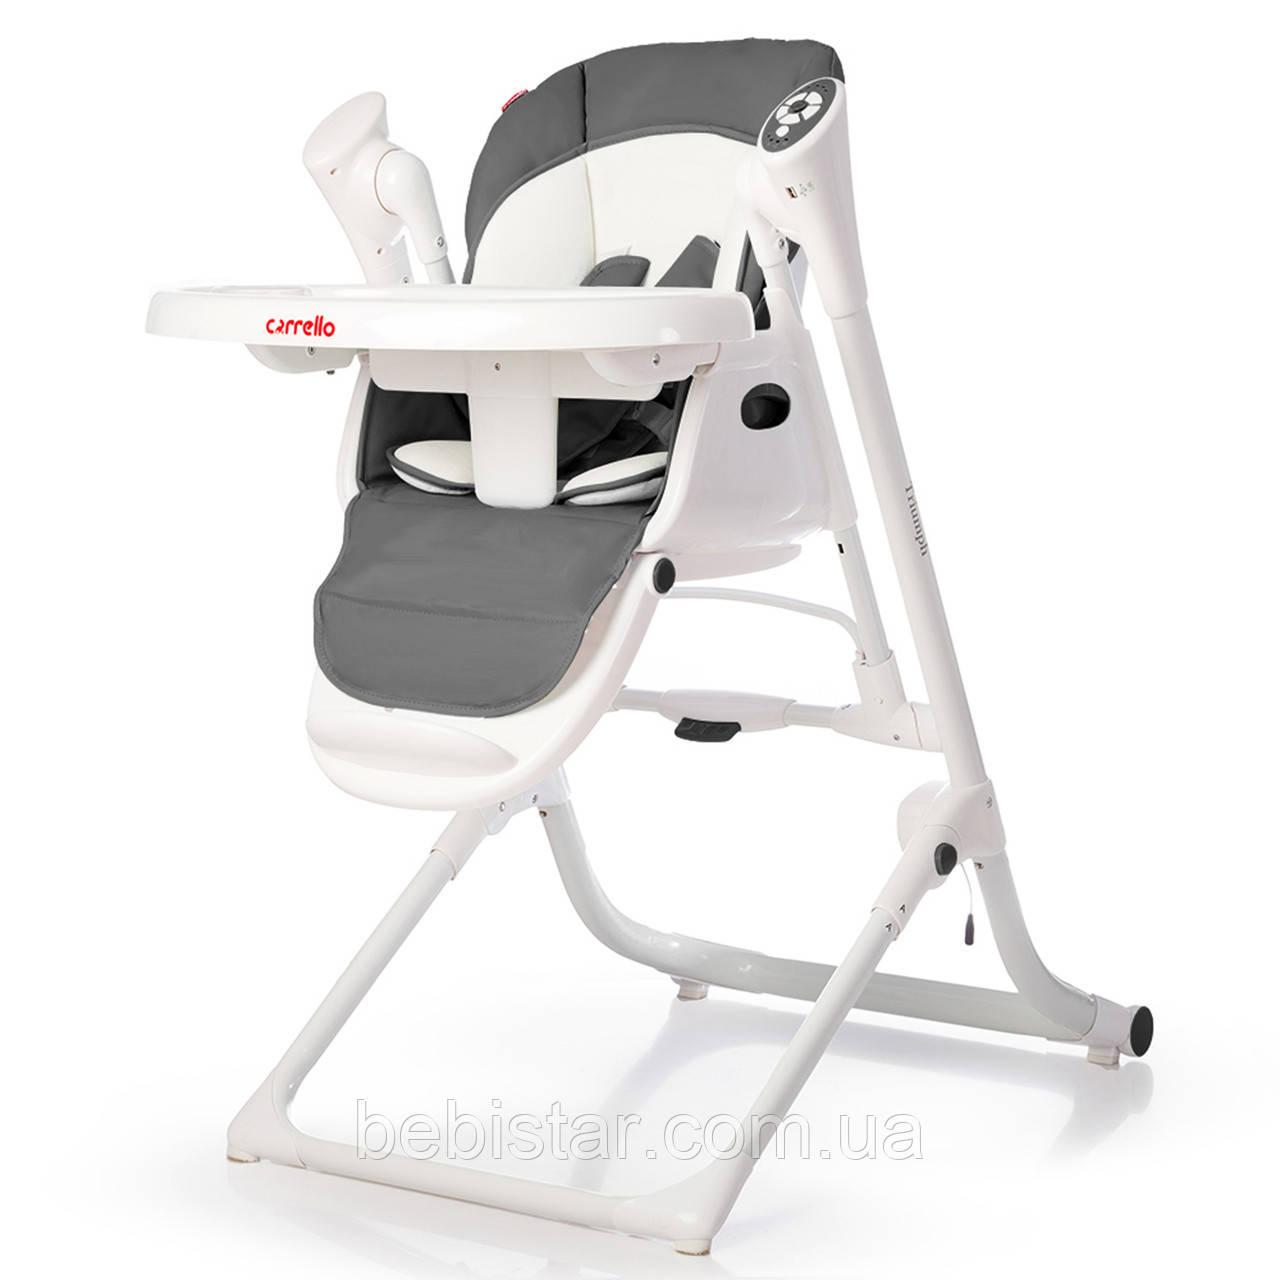 Стульчик для кормления кресло-качалка шезлонг темно-серый Carrello Triumph с пультом от рождения до 3-х лет